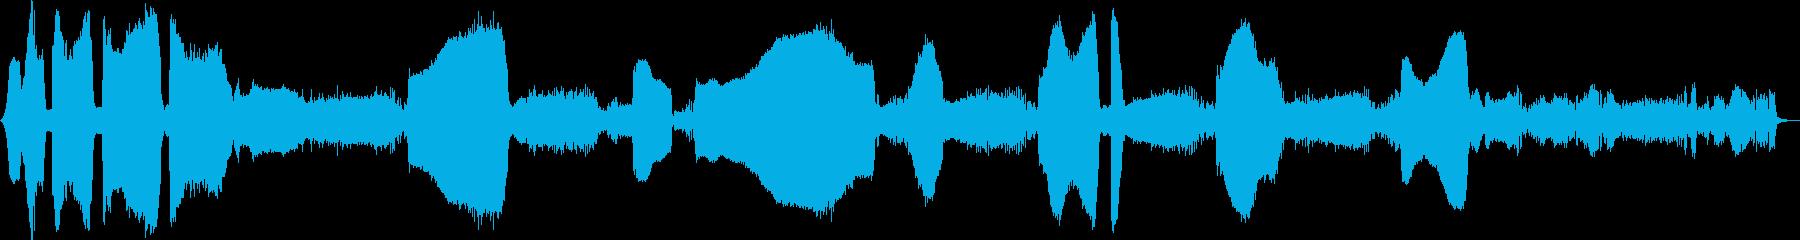 1934アルビスソフトトップサルー...の再生済みの波形